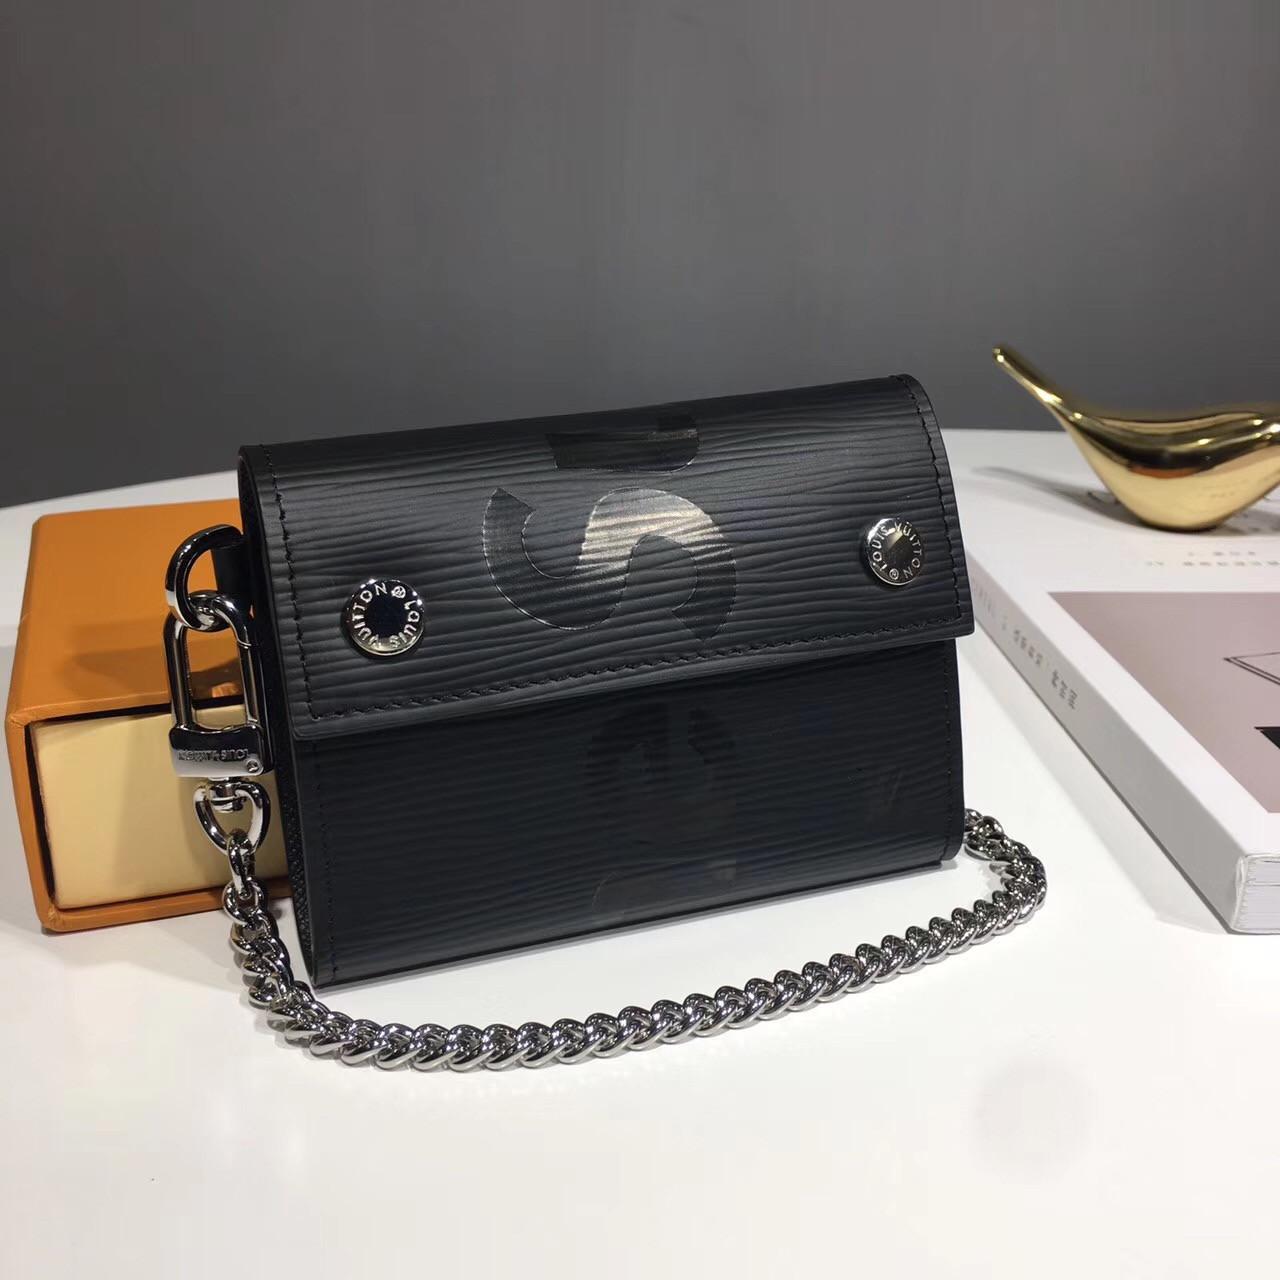 db4f88a79994 Ключница Louis Vuitton | vkstore.com.ua